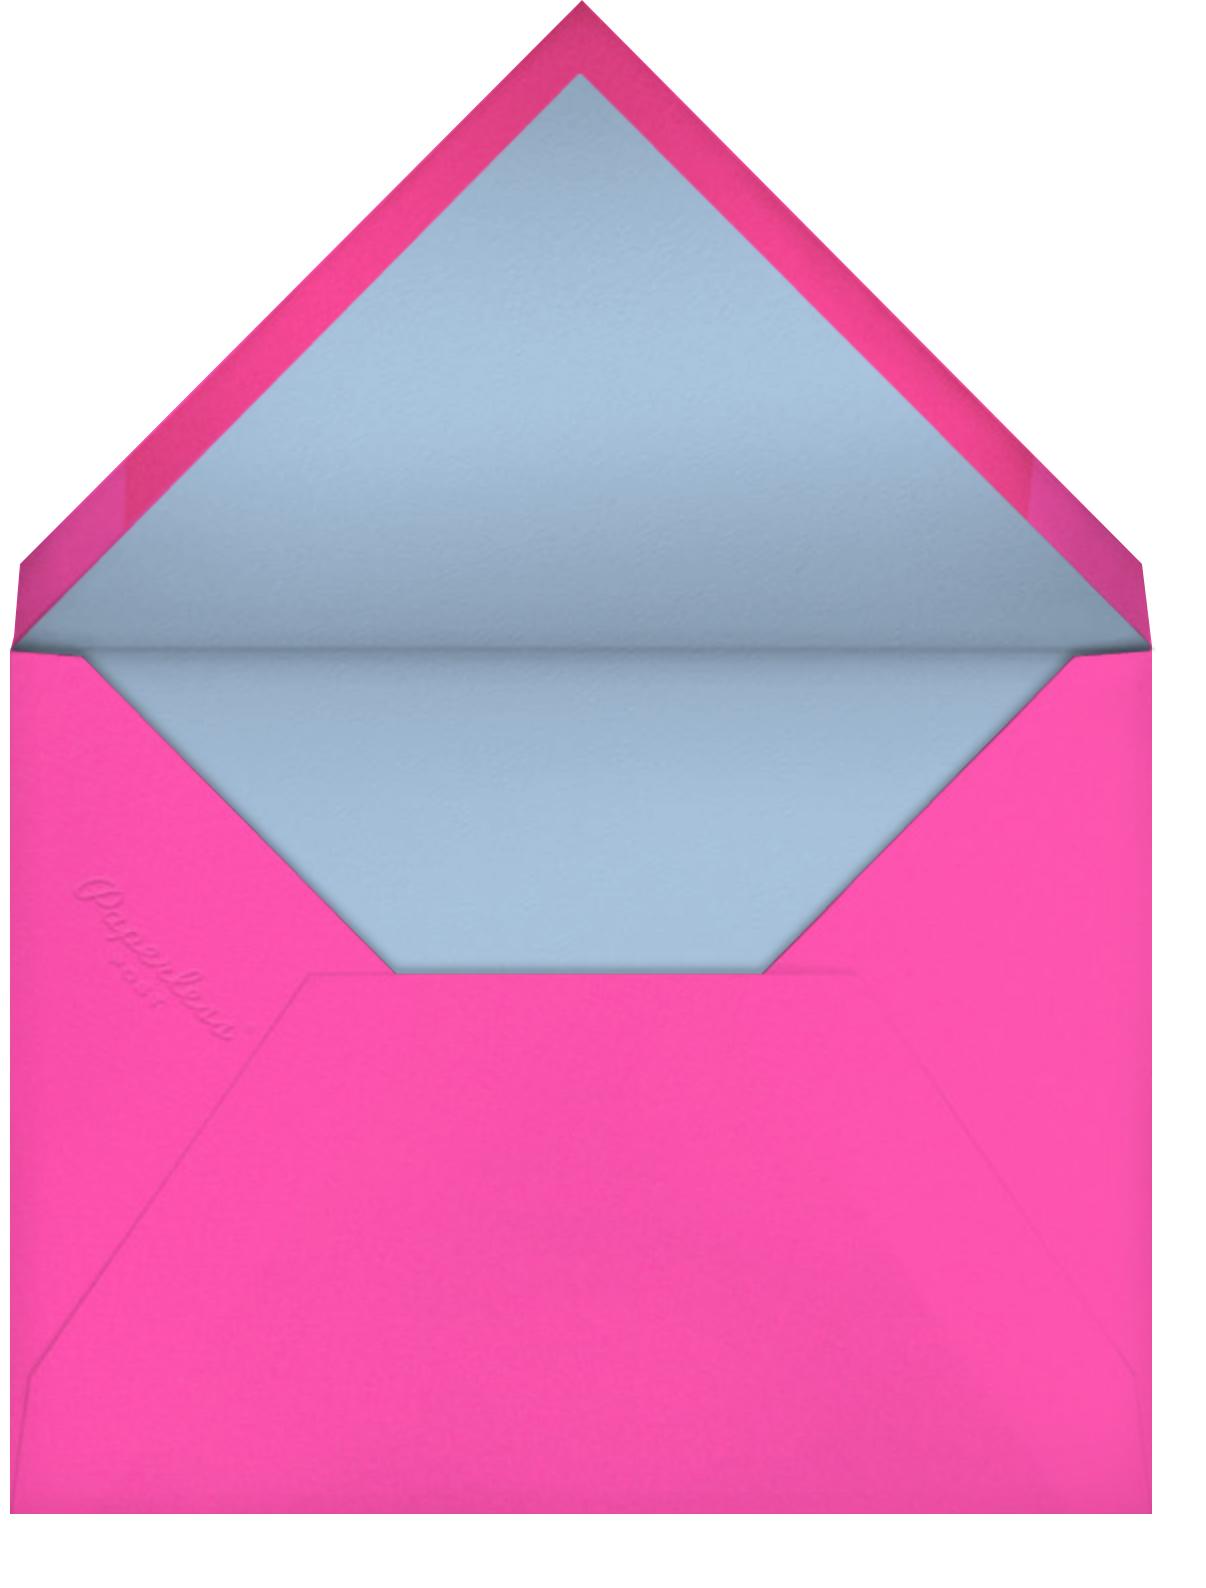 So Lit (Nolan Pelletier) - Red Cap Cards - Valentine's Day - envelope back